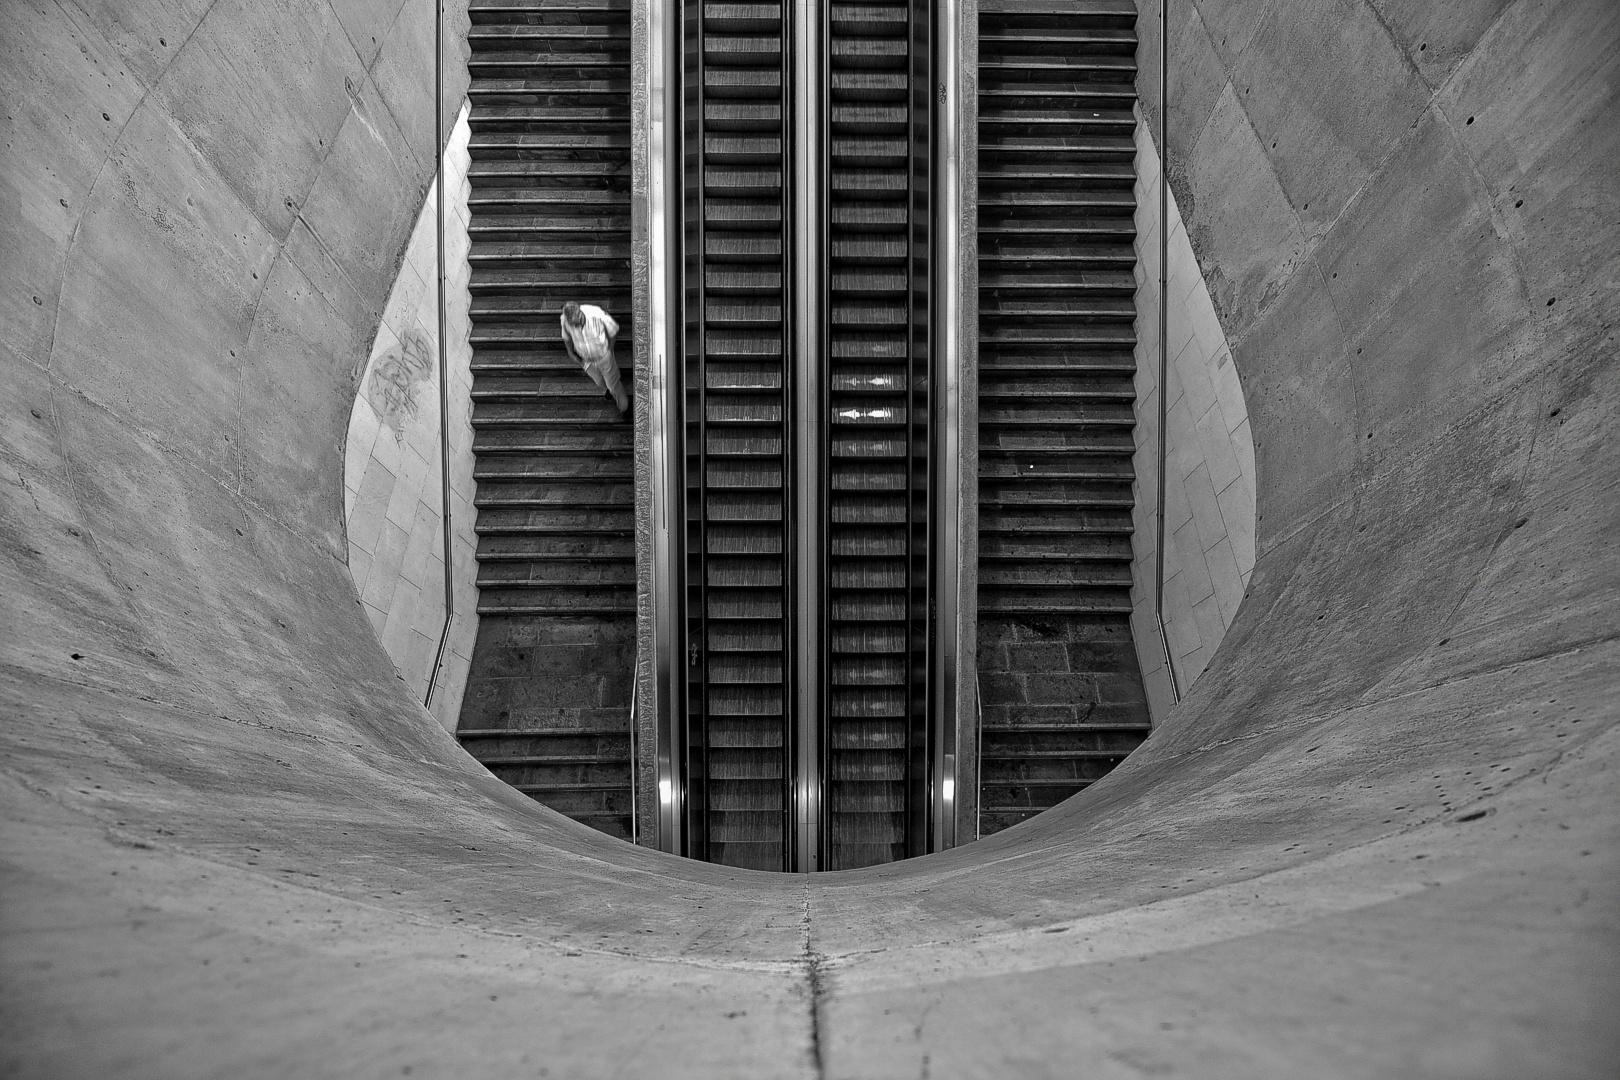 Fotografia de Rua/Will I have the strength to go up later?